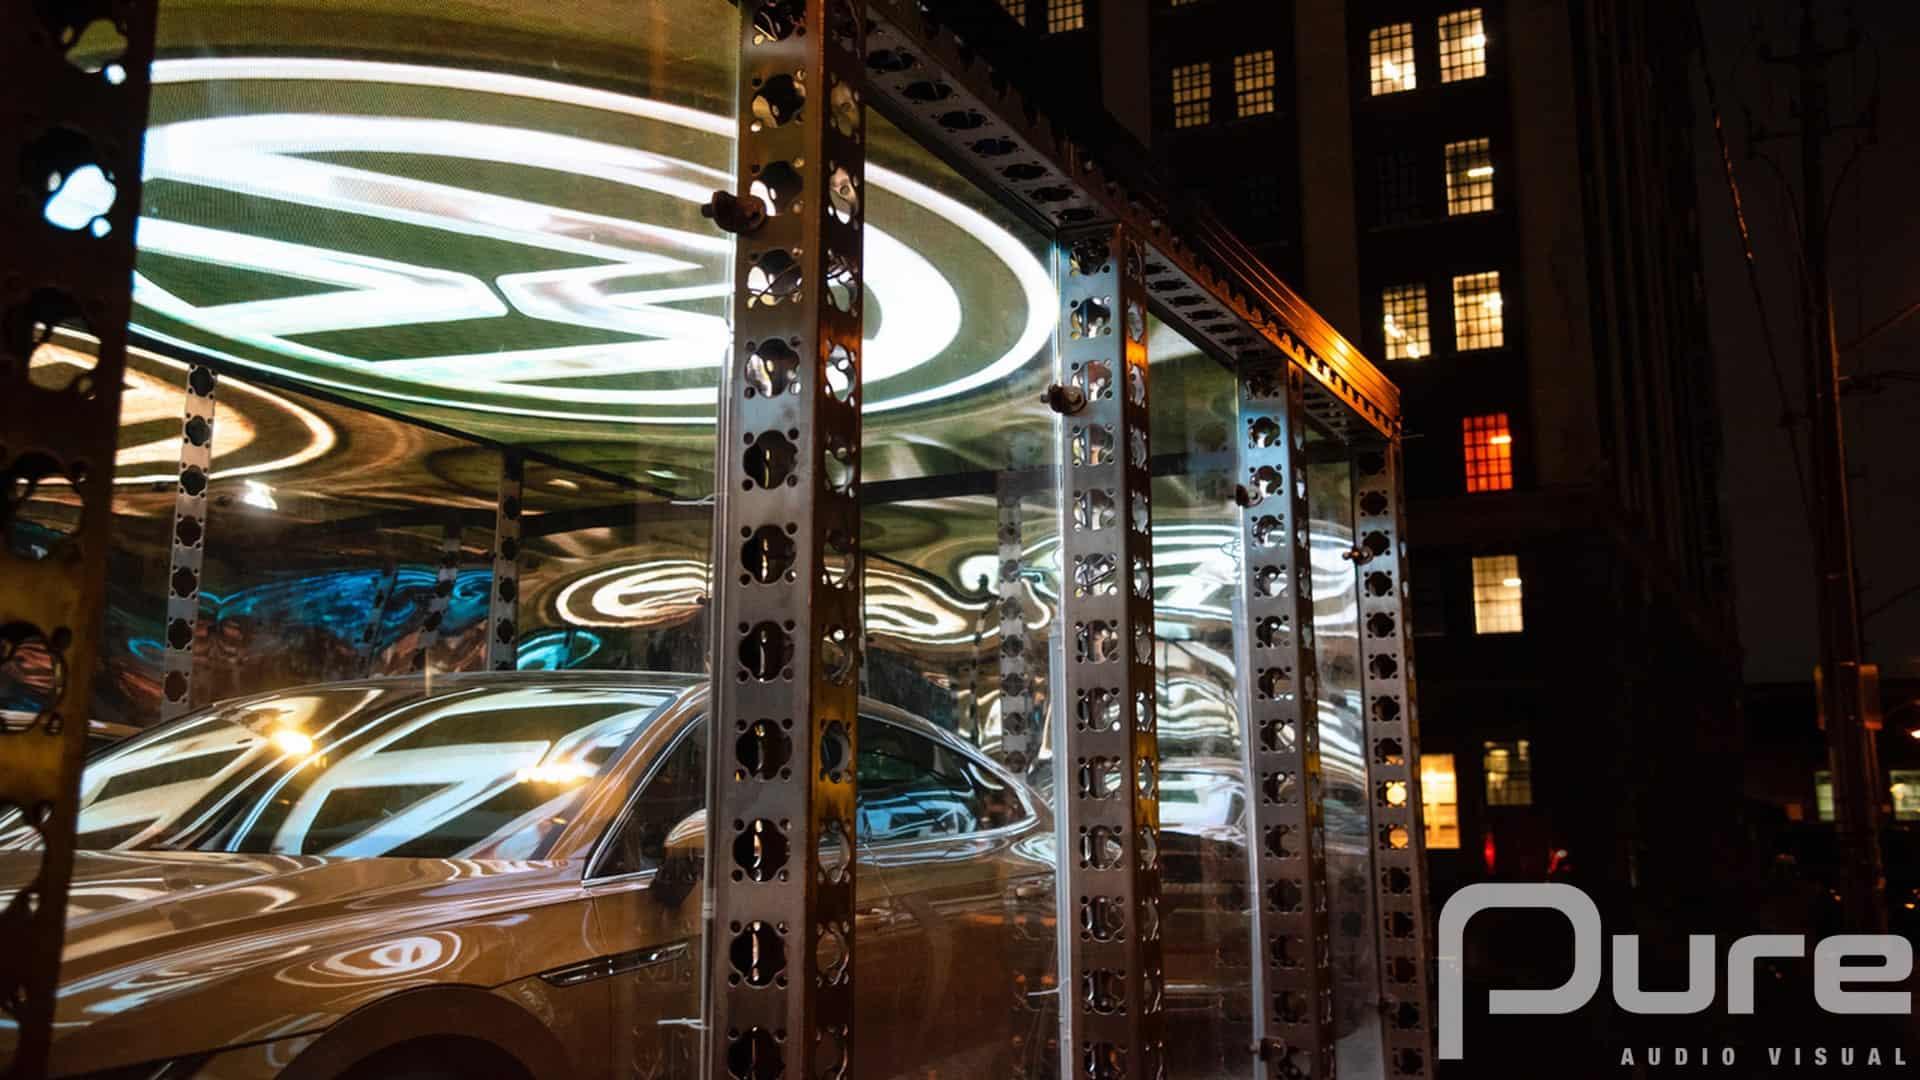 LED Video Wall, Tradeshow, Toronto, AV company, Audio Visual, AV gear